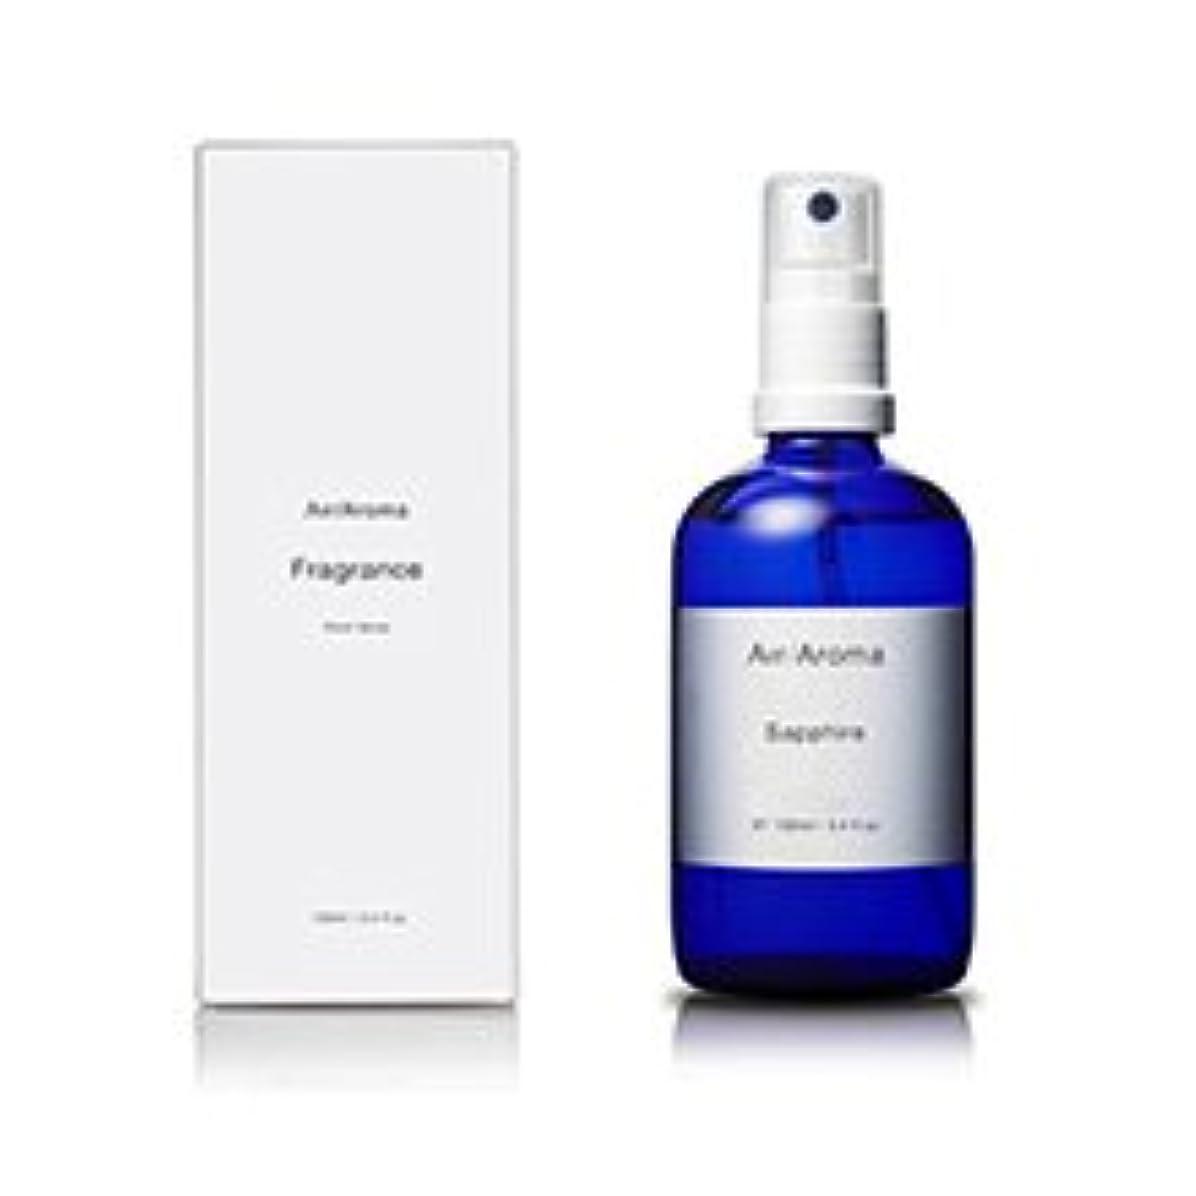 作ります破裂流体エアアロマ sapphire room fragrance(サファイア ルームフレグランス) 100ml